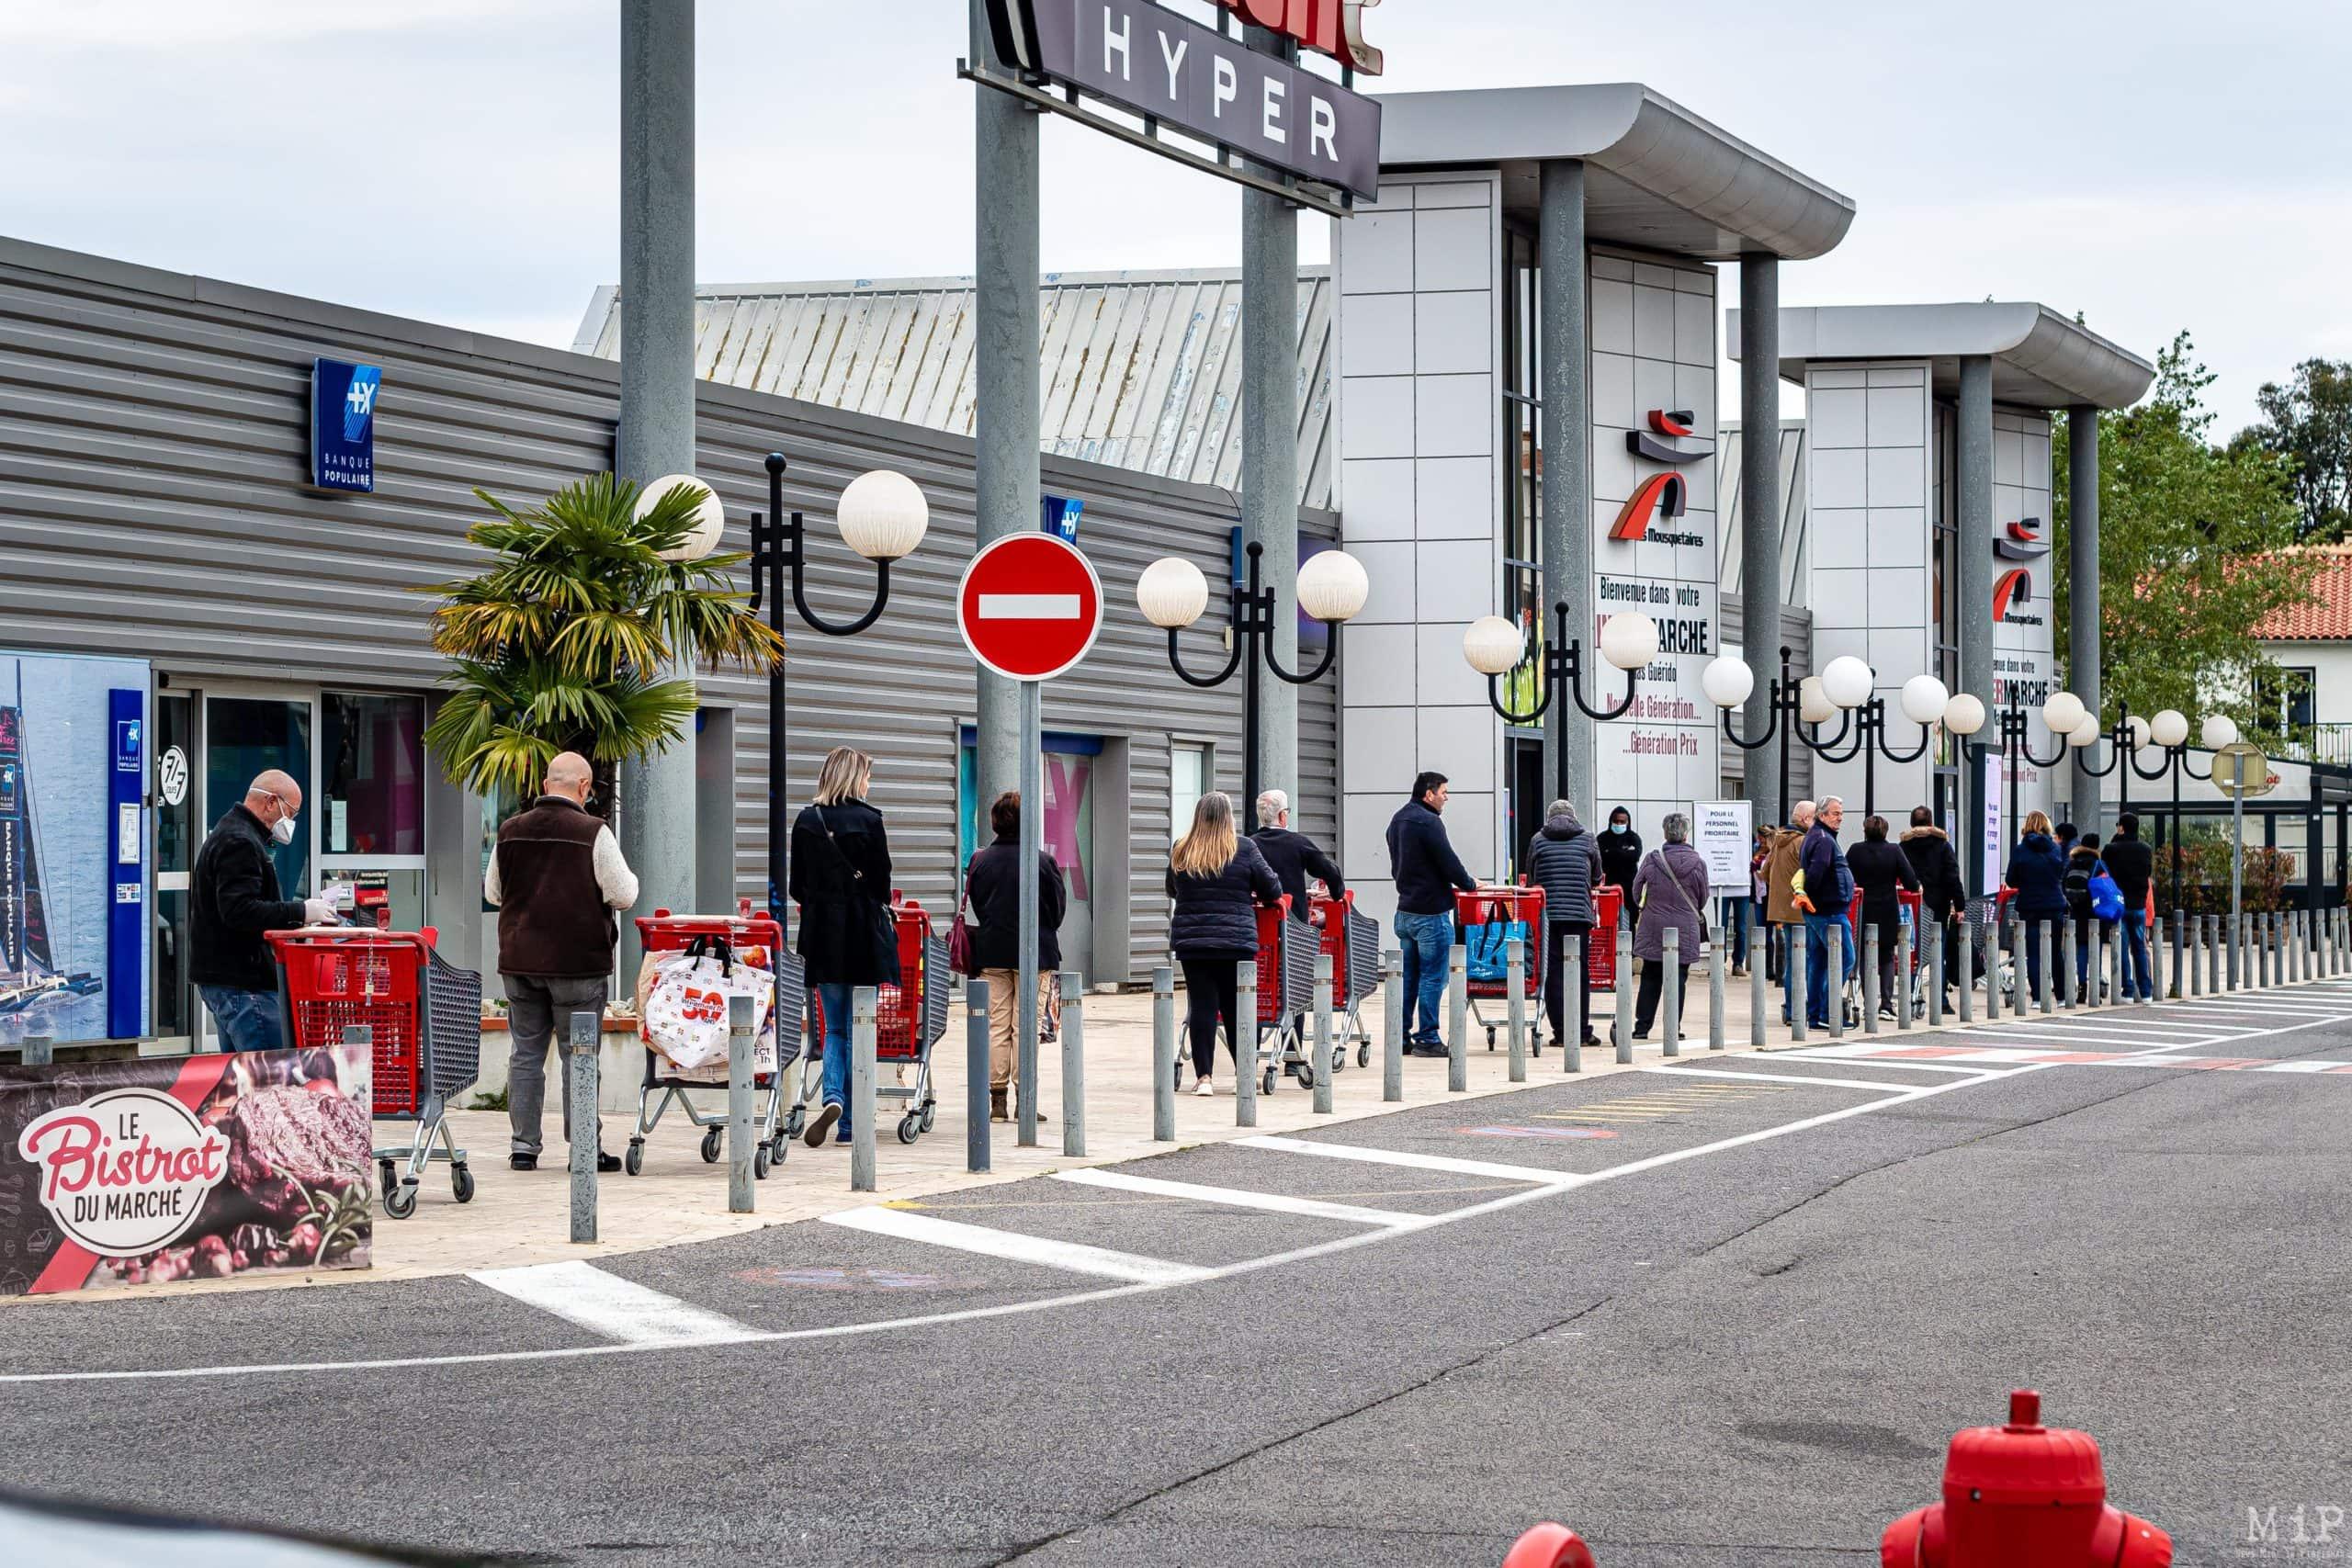 Illustrations Coronavirus Covid-19 vie quotidienne commerces Perpignan © Arnaud Le Vu / MiP